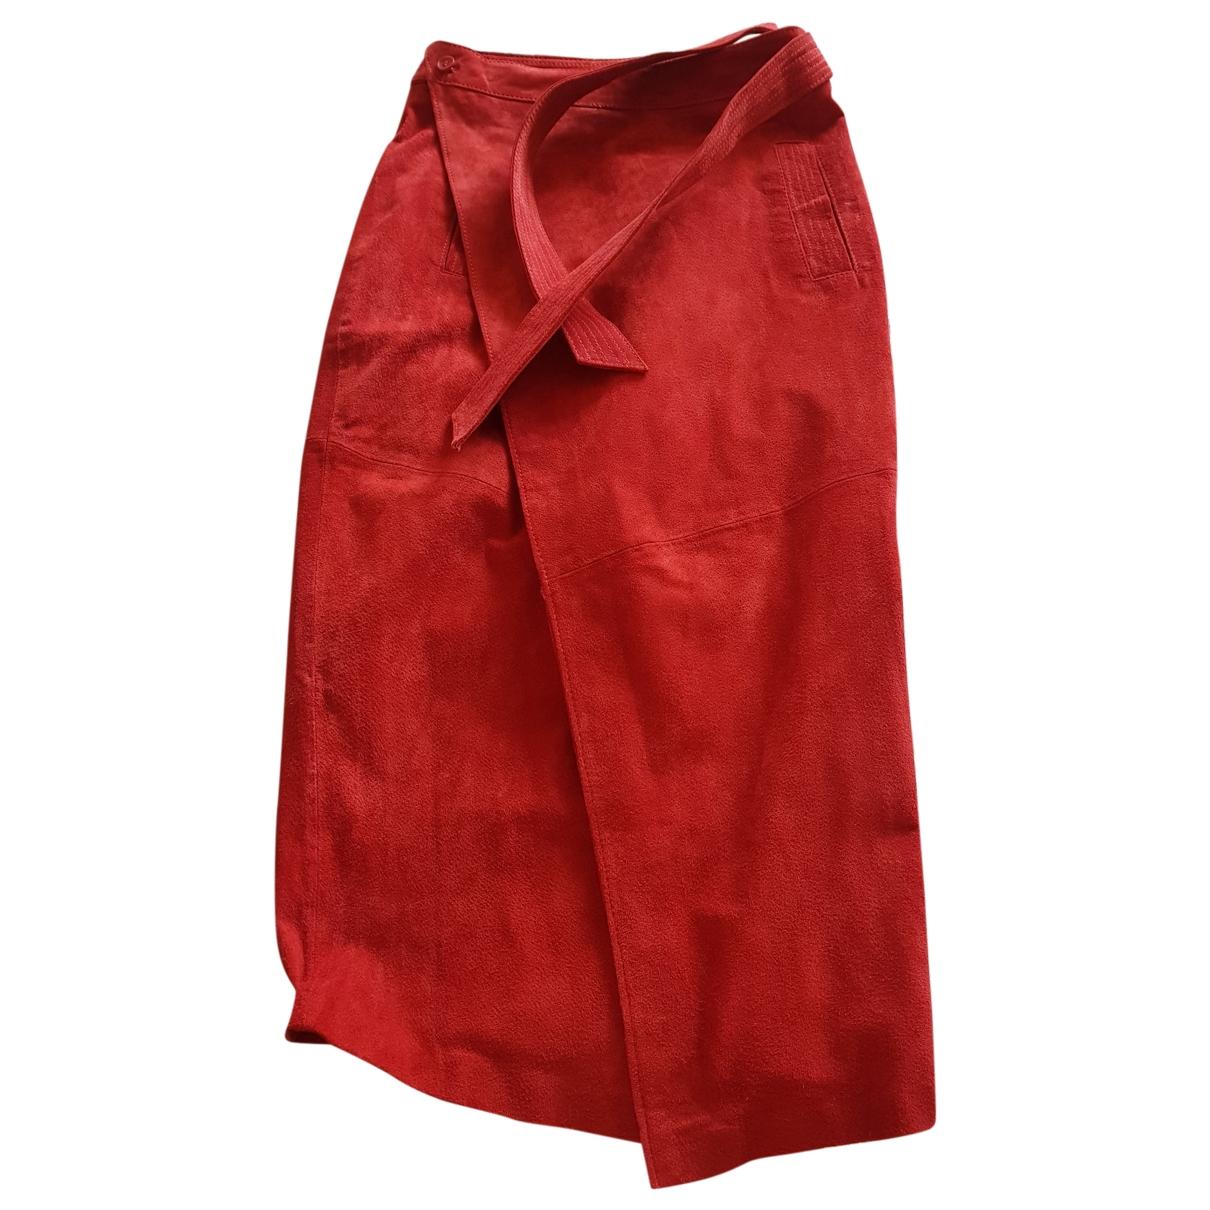 Asos - Jupe   pour femme en cuir - bordeaux